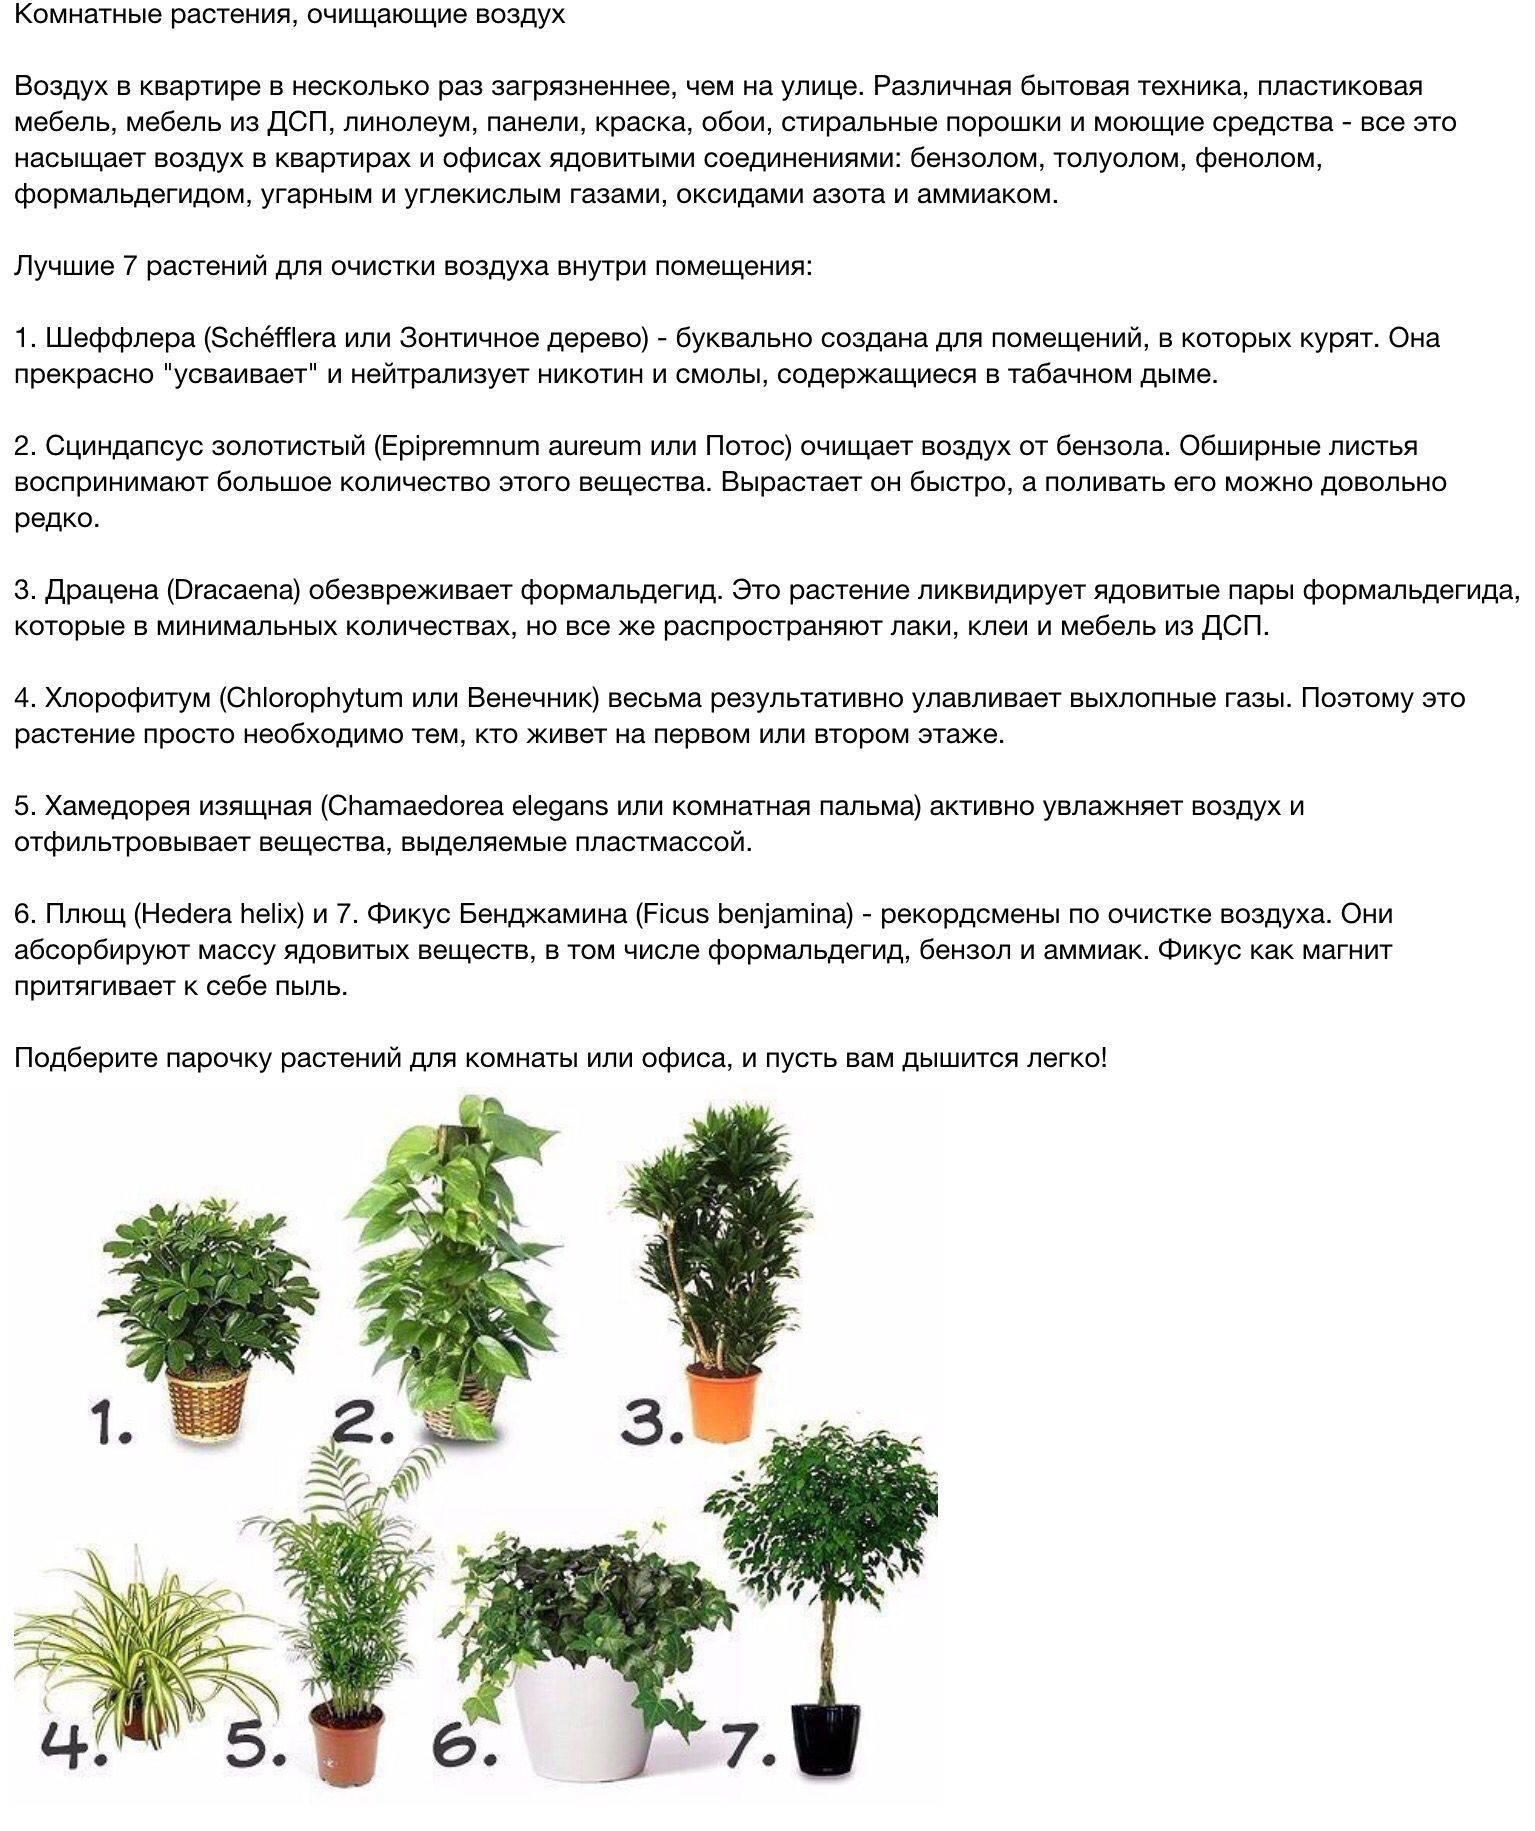 Комнатные растения для домашней очистки воздуха